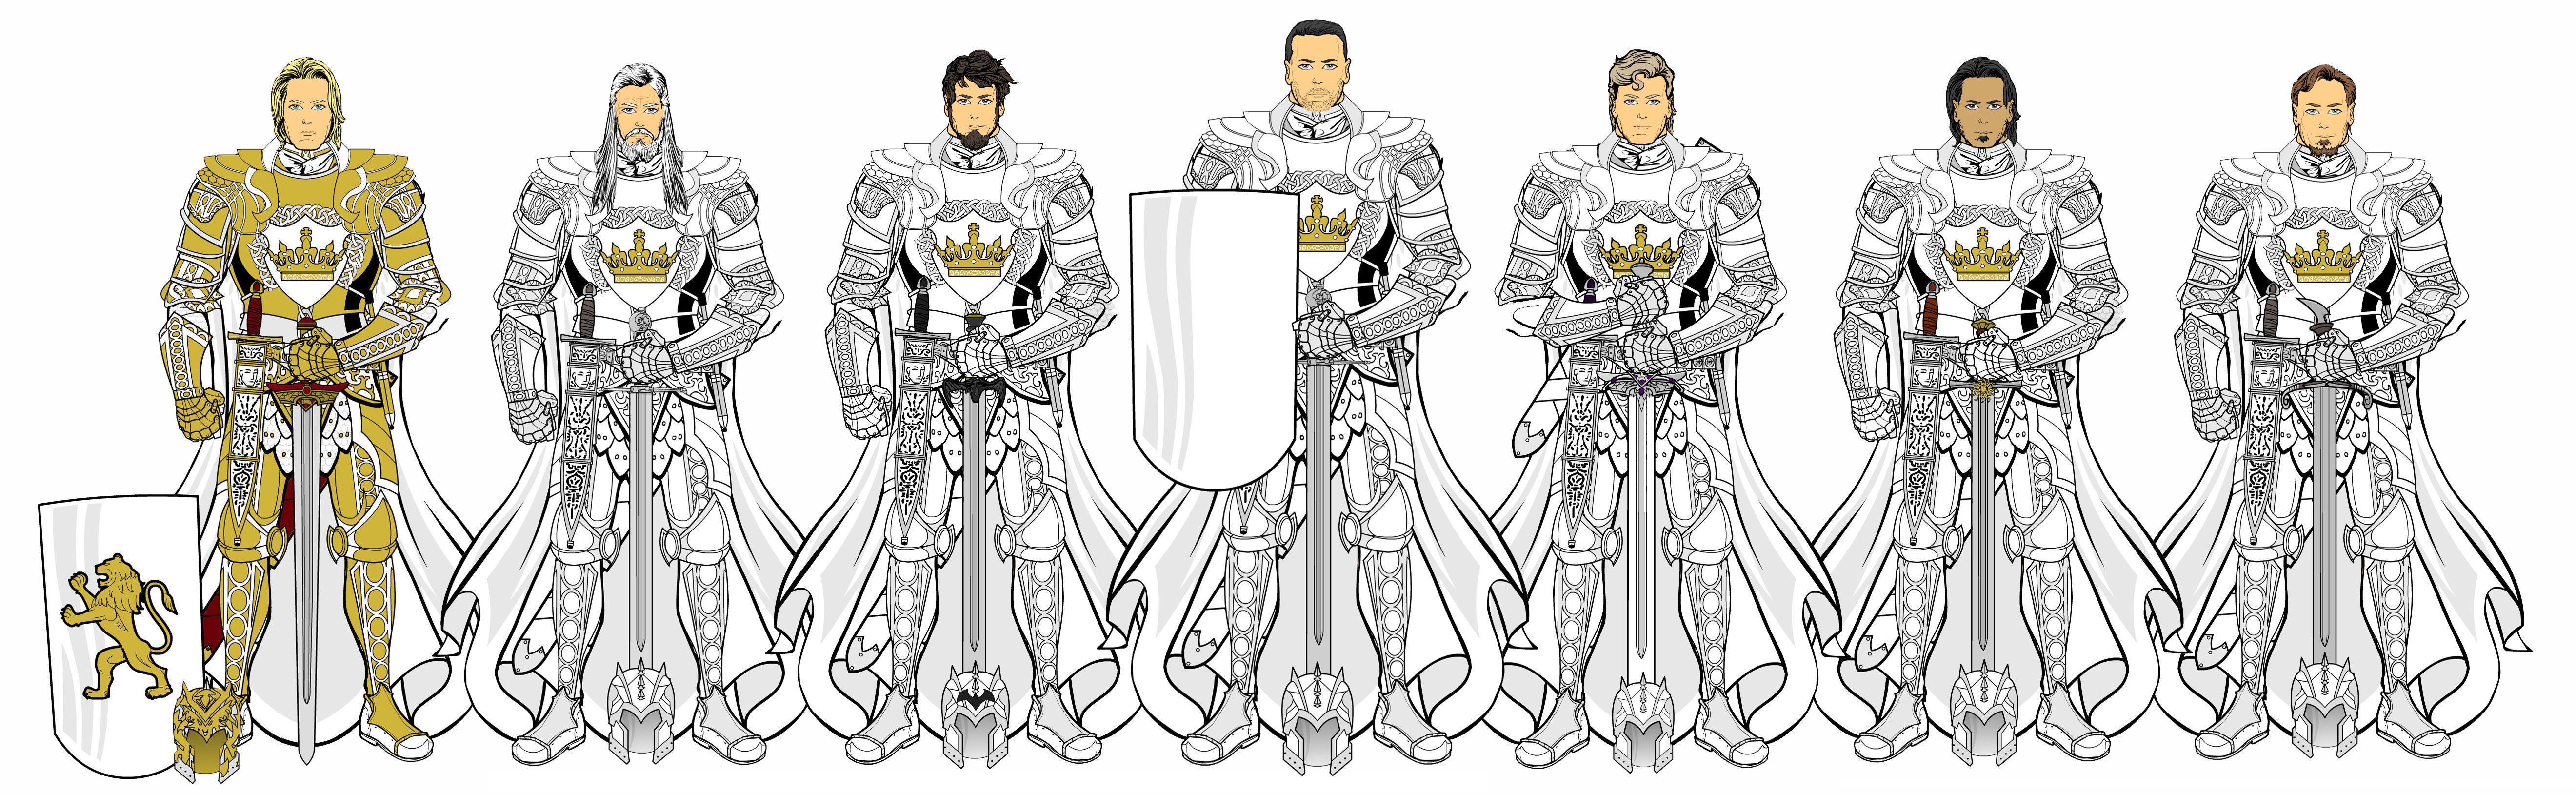 ¿Cuál de estos caballeros no es o ha sido un hermano de la Guardia Real?